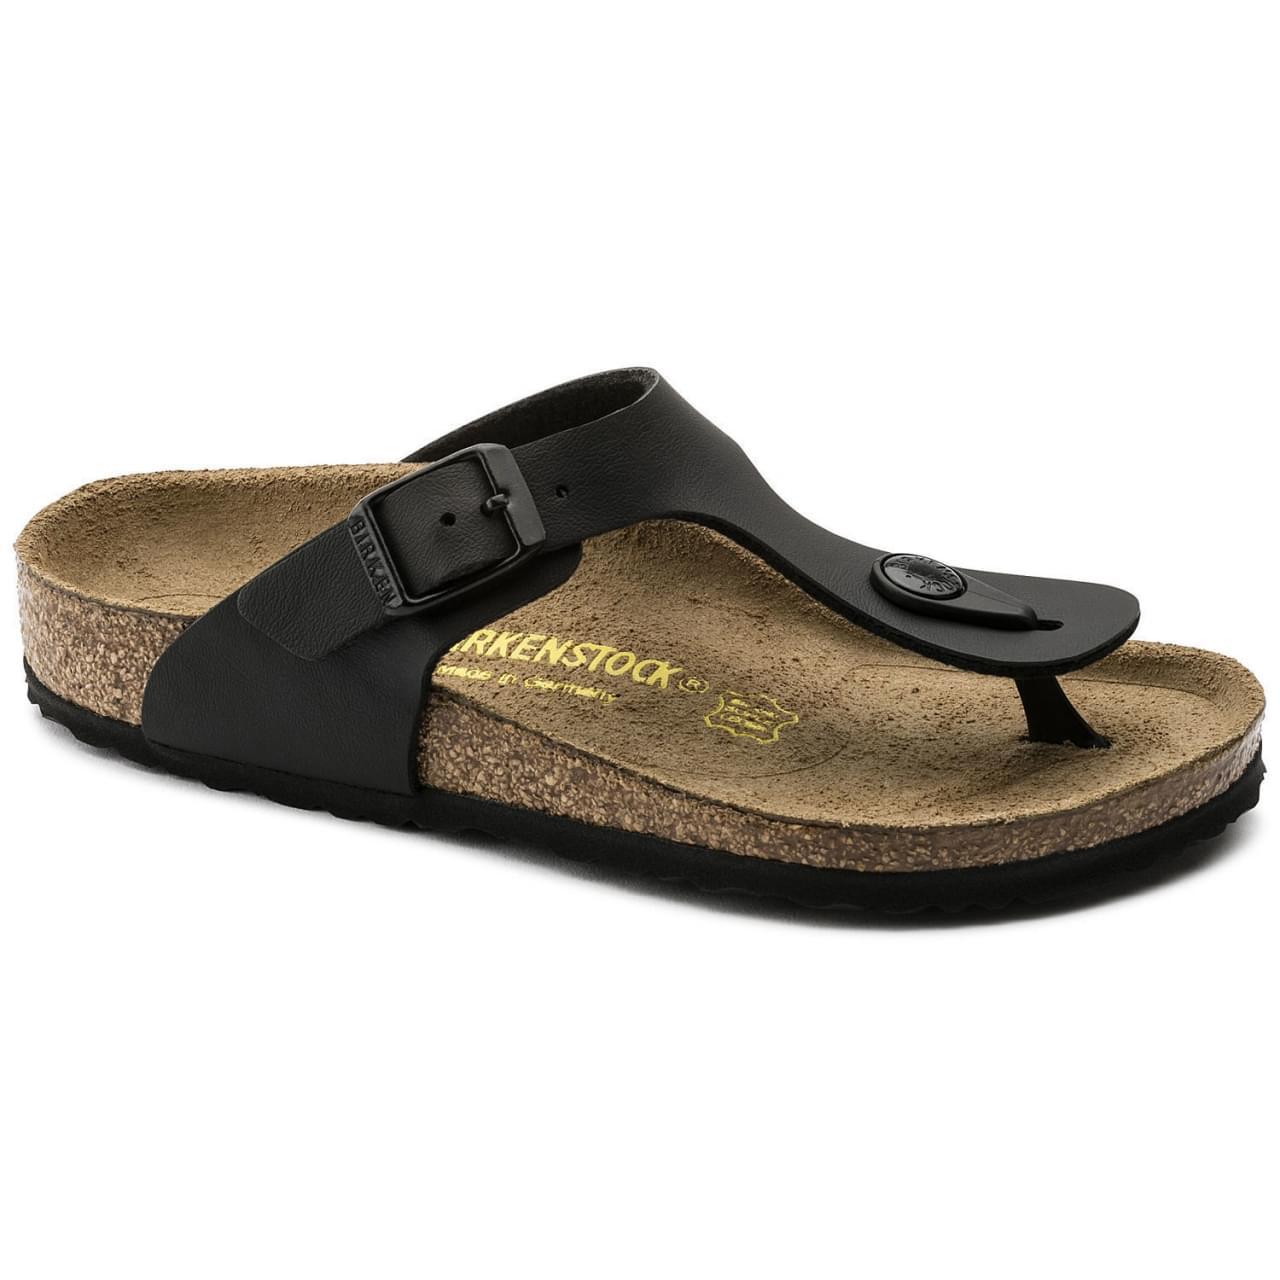 Birkenstock Gizeh Kinder slippers